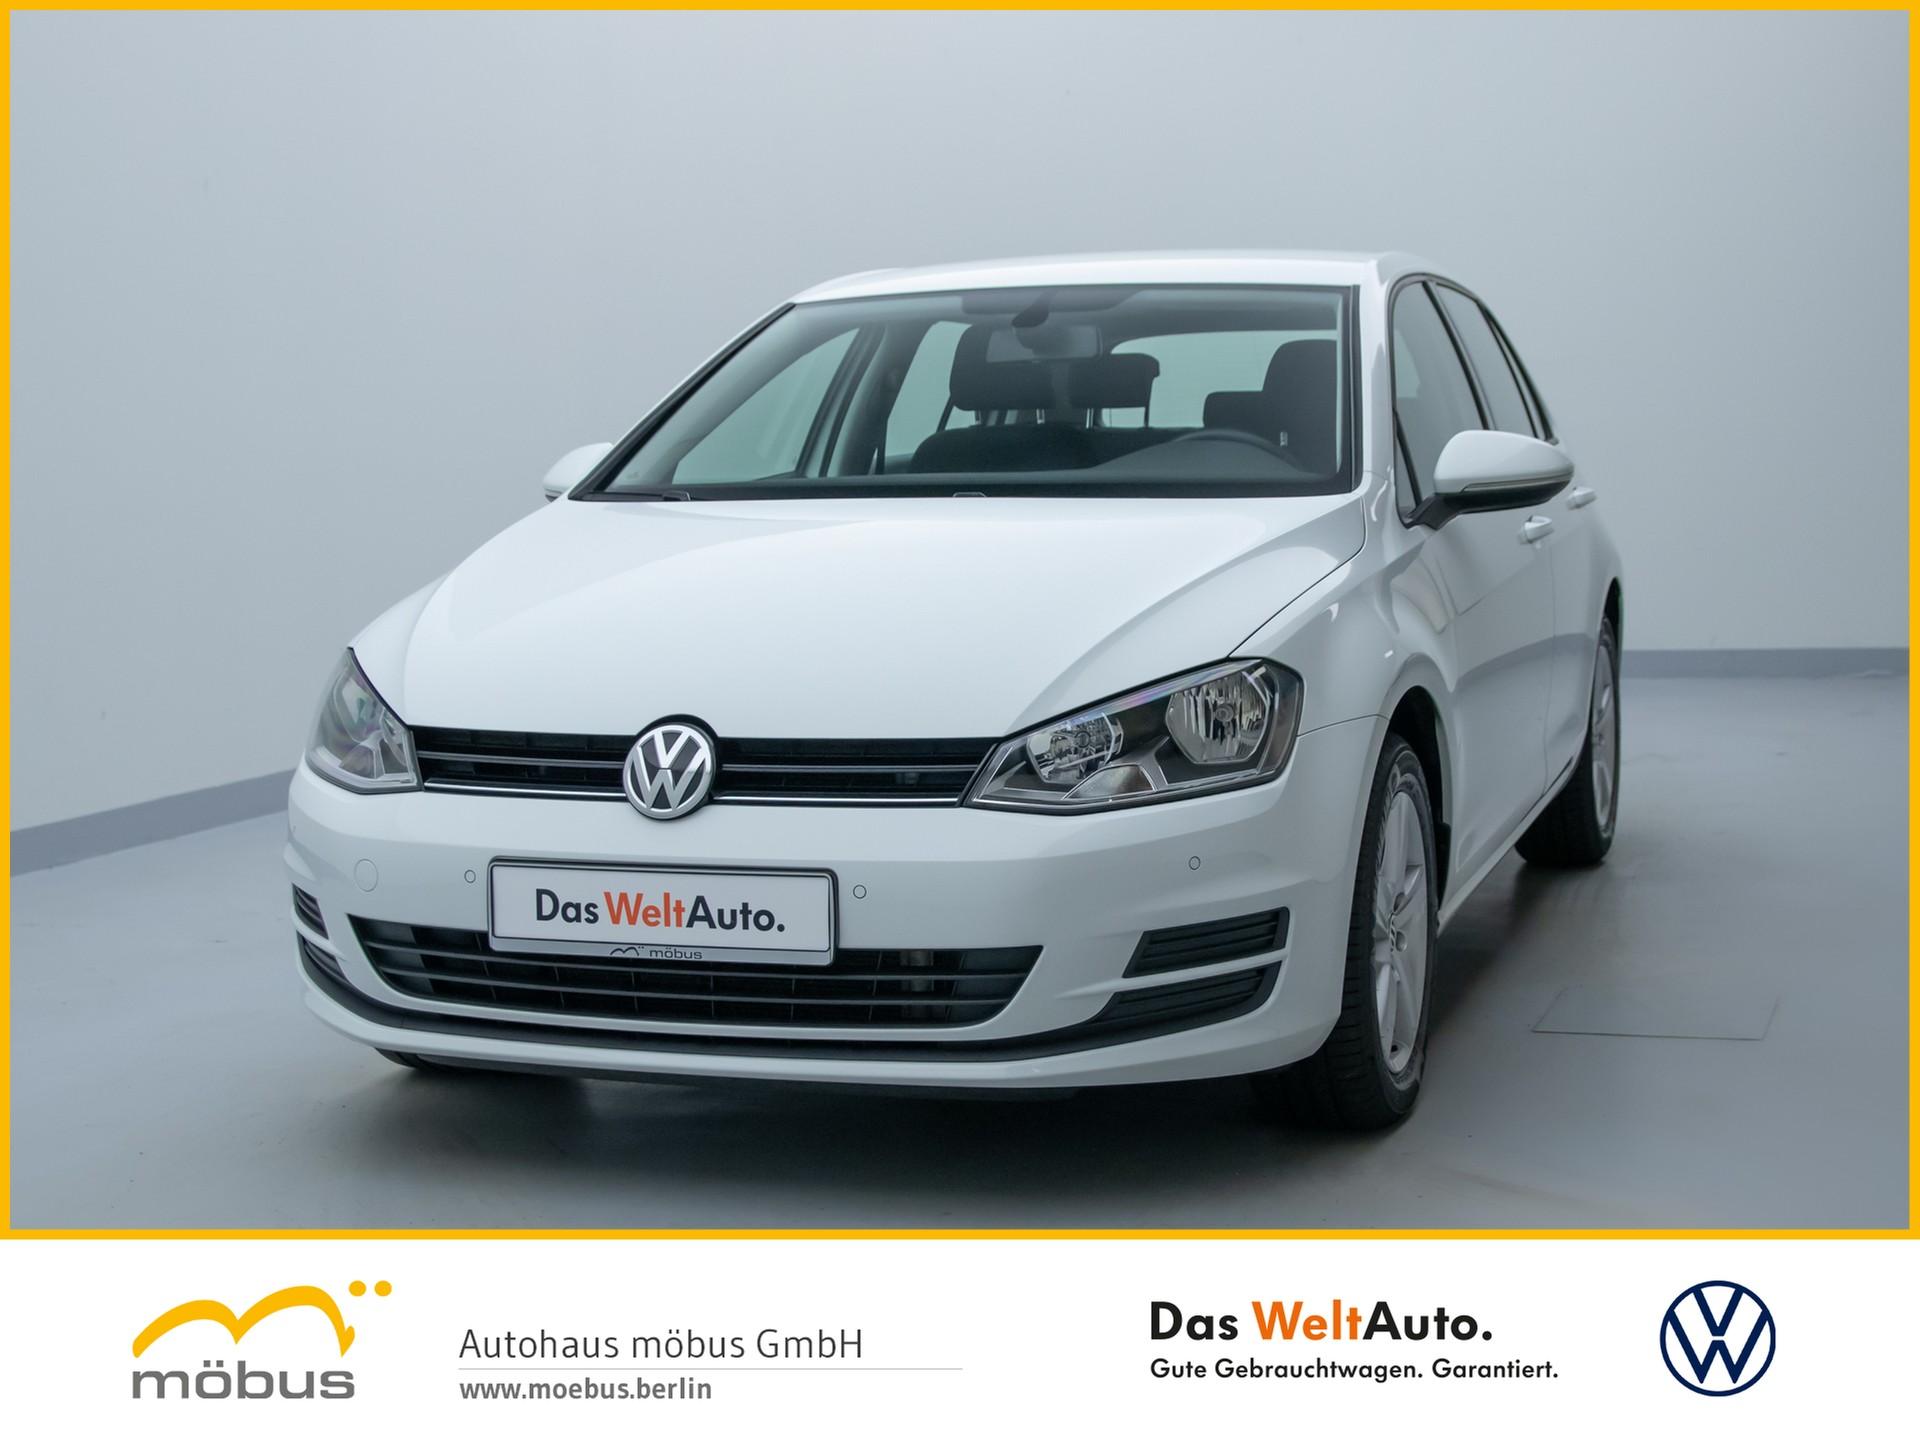 Volkswagen Golf VII 1.6 TDI Comfortline KLIMA+STANDHZ+PDC, Jahr 2016, Diesel